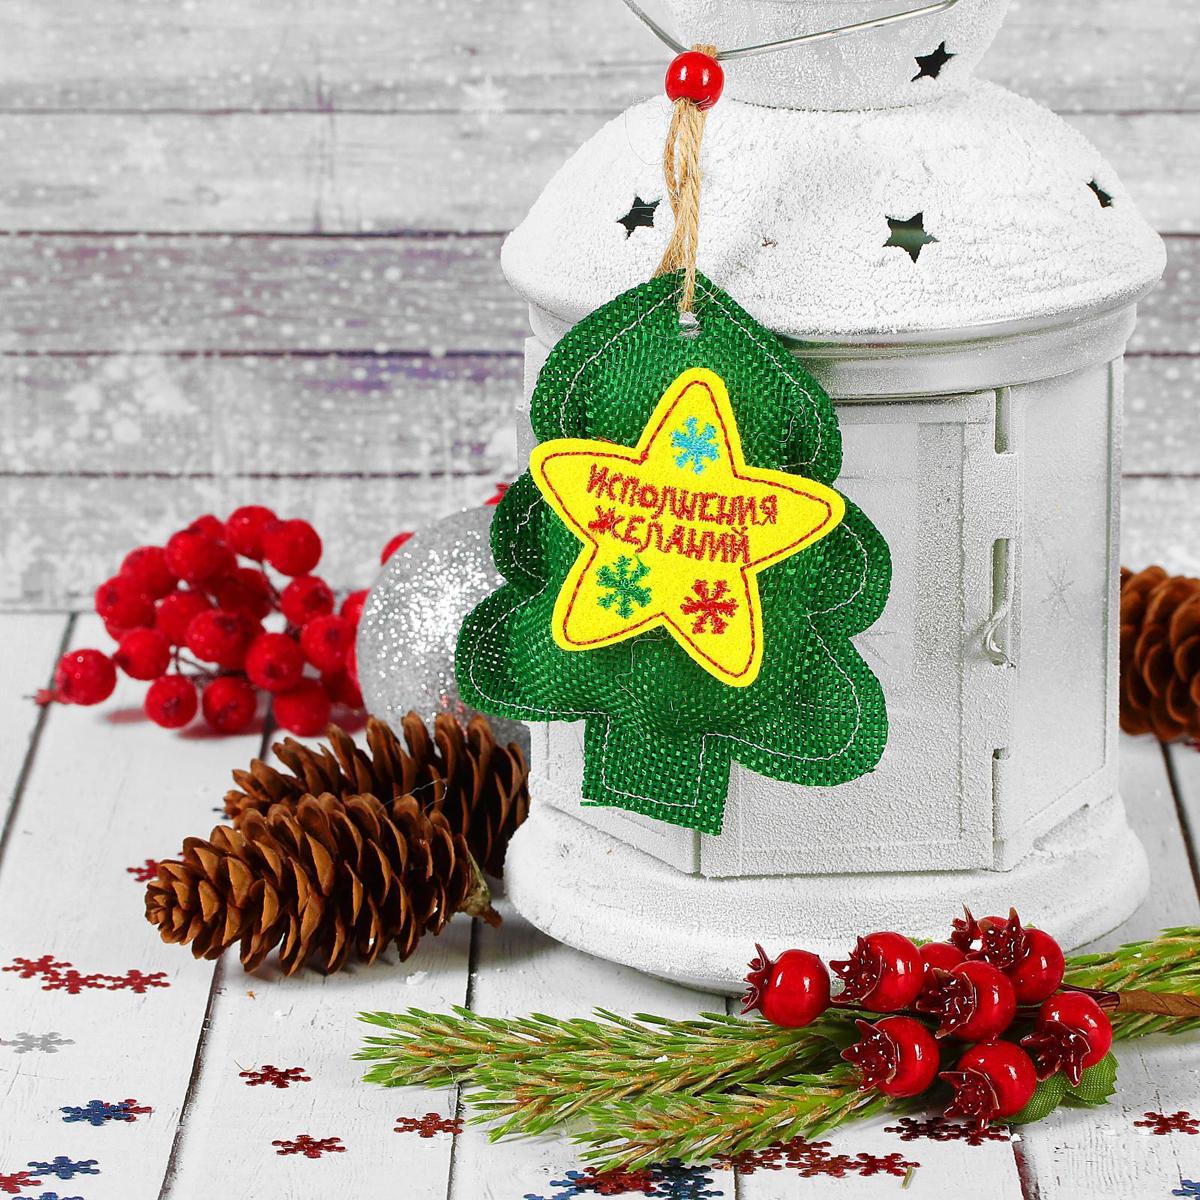 Новогоднее подвесное украшение Страна Карнавалия Исполнения желаний. Елочка новогоднее подвесное украшение собака ф21 1716